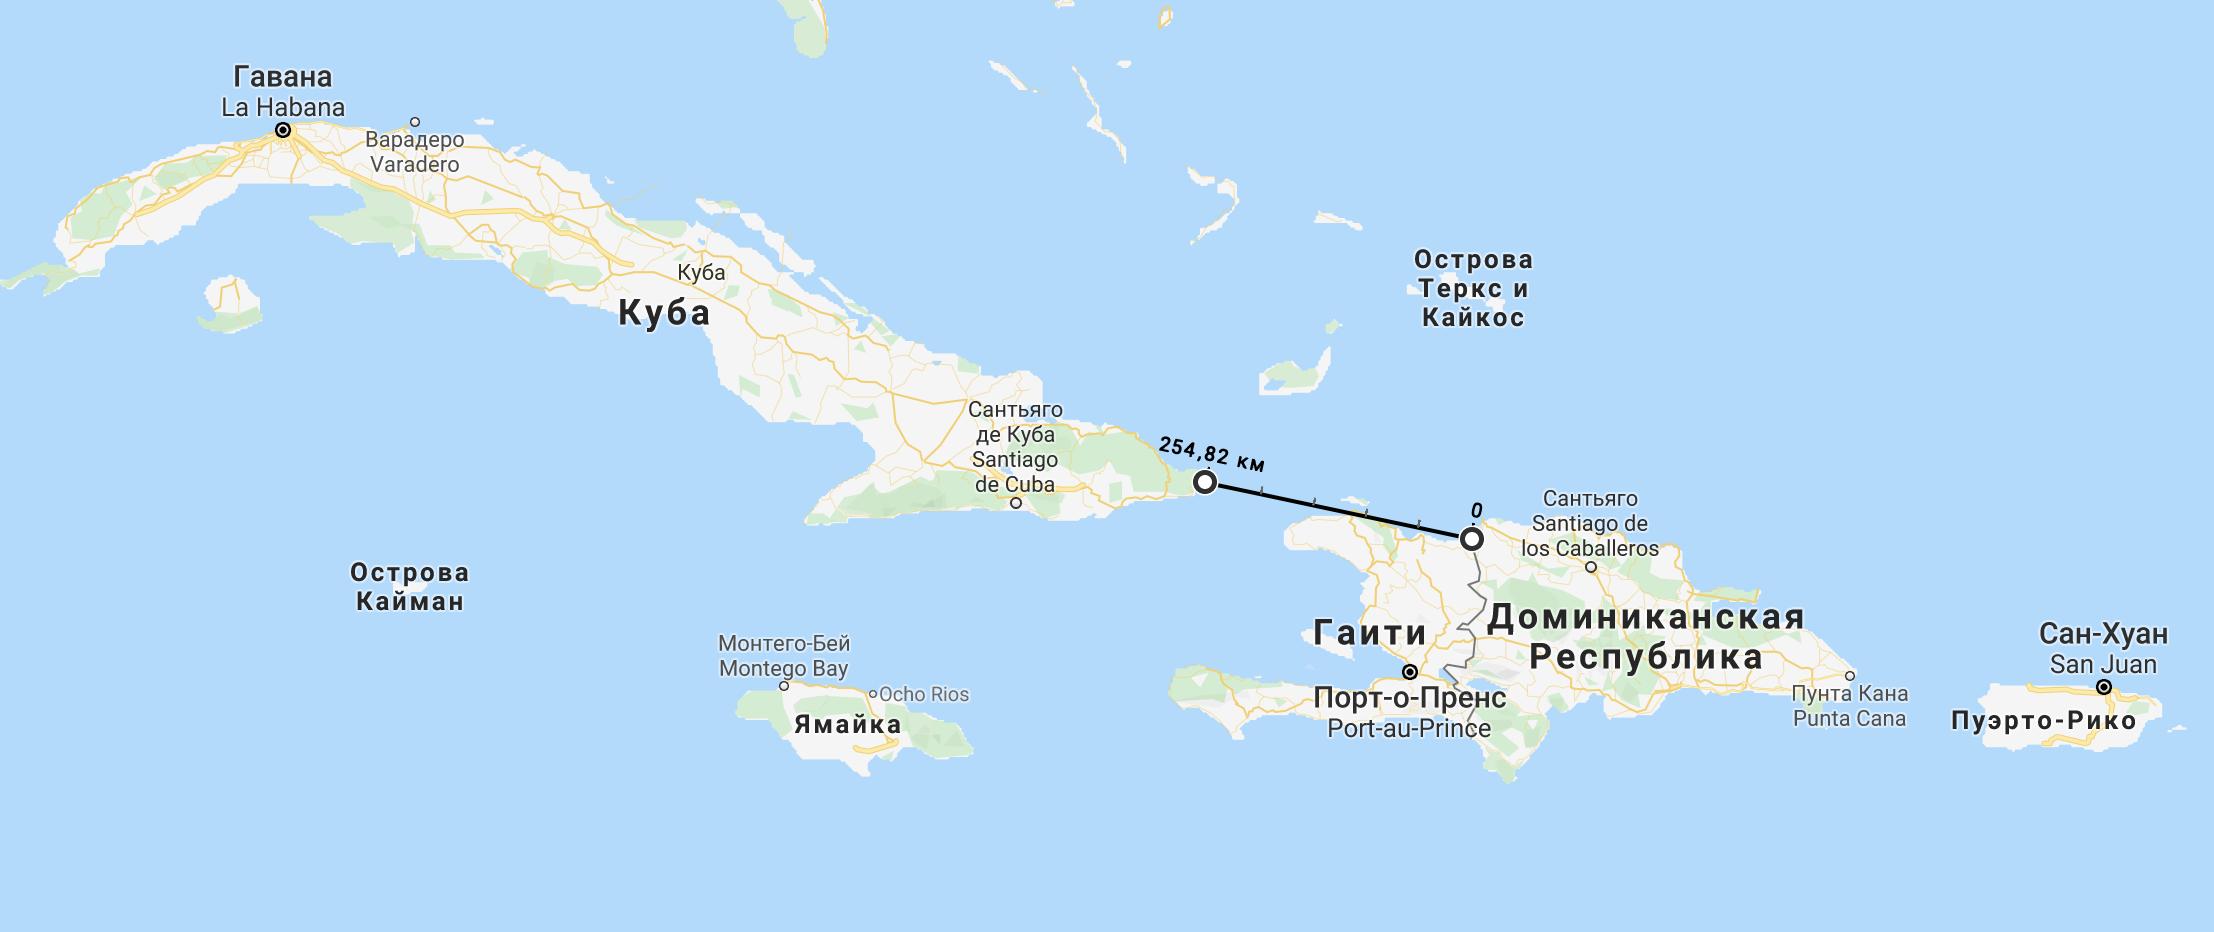 Расстояние от Кубы до Домииниканы